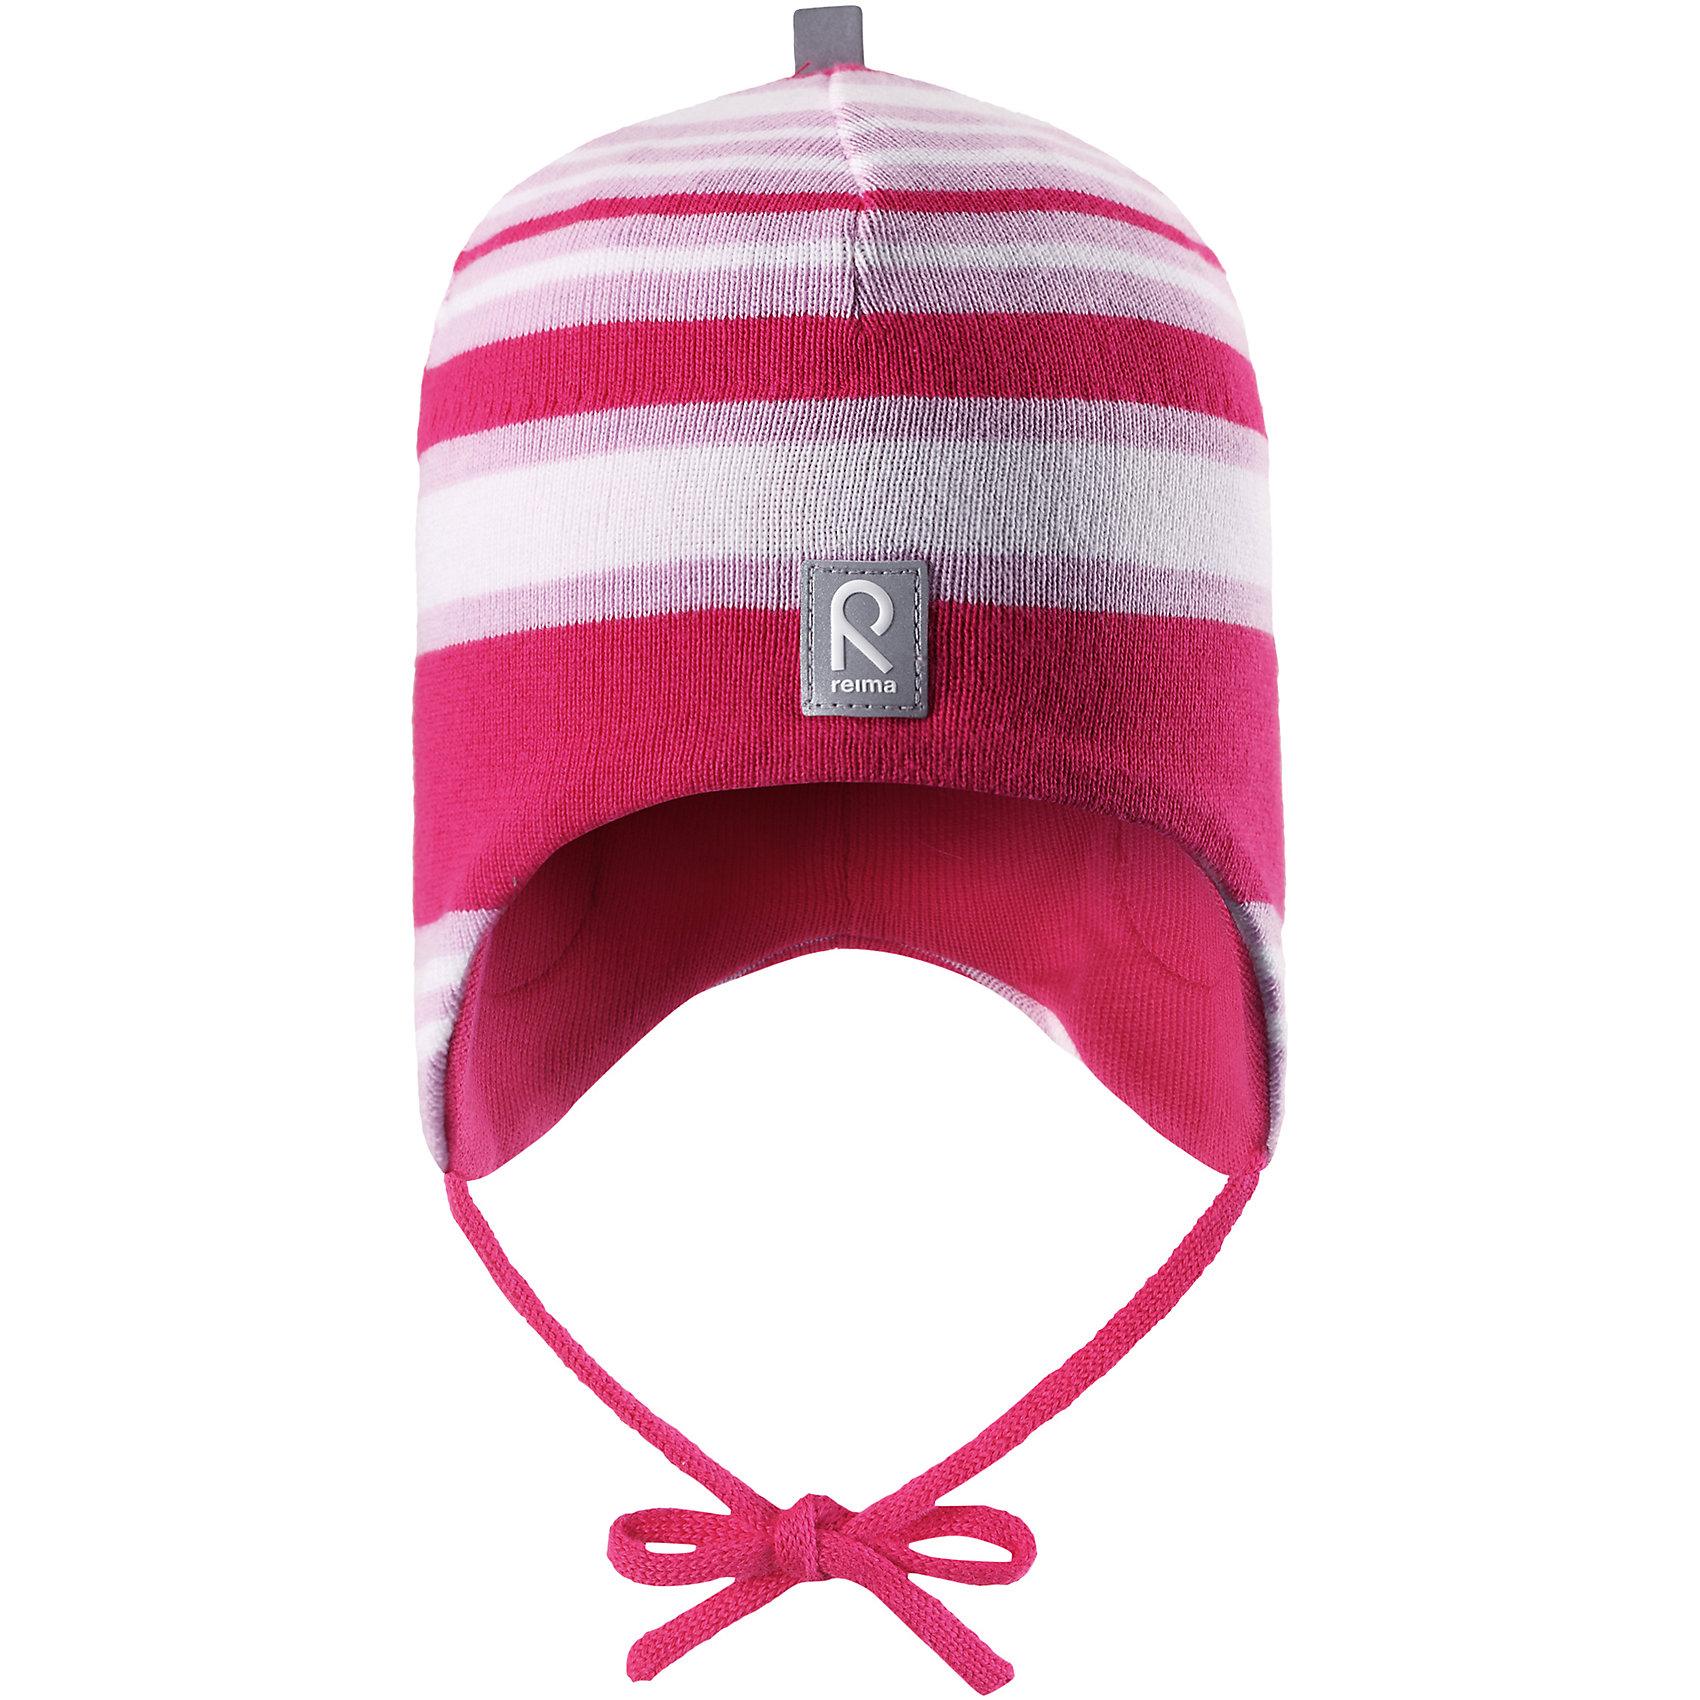 Шапка Aqueous для девочки ReimaШапки и шарфы<br>Характеристики товара:<br><br>• цвет: белый/розовый<br>• состав: 100% хлопок<br>• полуподкладка: хлопковый трикотаж<br>• температурный режим: от 0С до +10С<br>• эластичный хлопковый трикотаж<br>• инделие сертифицированно по стандарту Oeko-Tex на продукция класса 1 - одежда для новорождённых<br>• ветронепроницаемые вставки в области ушей<br>• завязки во всех размерах<br>• эмблема Reima спереди<br>• светоотражающие детали<br>• страна бренда: Финляндия<br>• страна производства: Китай<br><br>Детский головной убор может быть модным и удобным одновременно! Стильная шапка поможет обеспечить ребенку комфорт и дополнить наряд. Шапка удобно сидит и аккуратно выглядит. Проста в уходе, долго служит. Стильный дизайн разрабатывался специально для детей. Отличная защита от дождя и ветра!<br><br>Уход:<br><br>• стирать по отдельности, вывернув наизнанку<br>• придать первоначальную форму вo влажном виде<br>• возможна усадка 5 %.<br><br>Шапку от финского бренда Reima (Рейма) можно купить в нашем интернет-магазине.<br><br>Ширина мм: 89<br>Глубина мм: 117<br>Высота мм: 44<br>Вес г: 155<br>Цвет: розовый<br>Возраст от месяцев: 6<br>Возраст до месяцев: 9<br>Пол: Женский<br>Возраст: Детский<br>Размер: 46,52,48,50<br>SKU: 5271105